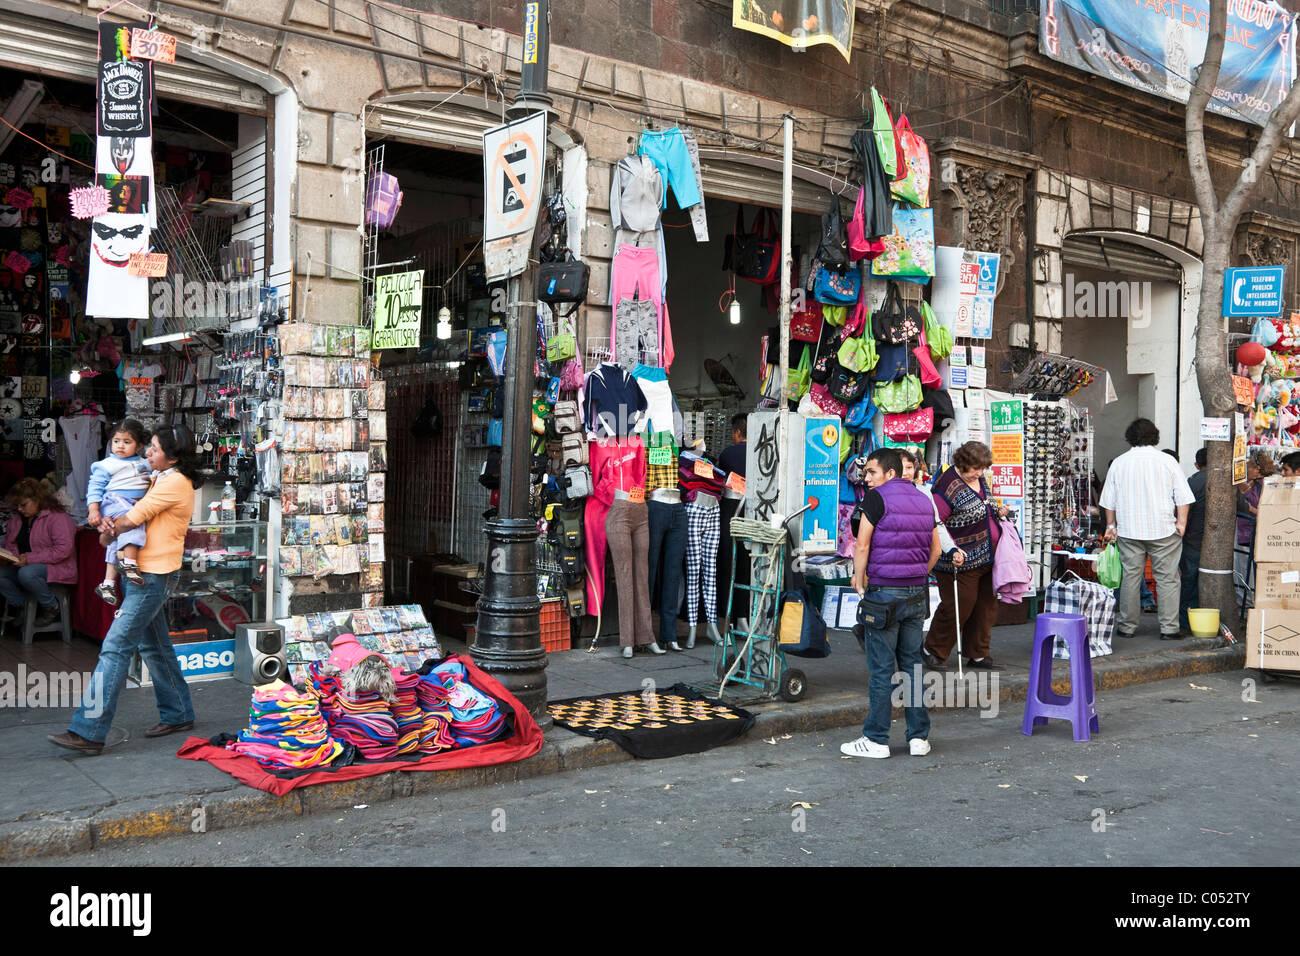 Incredibile street bazaar accozzaglia di energia scena caotica di Avenida Republica Argentina nel quartiere di centro Immagini Stock